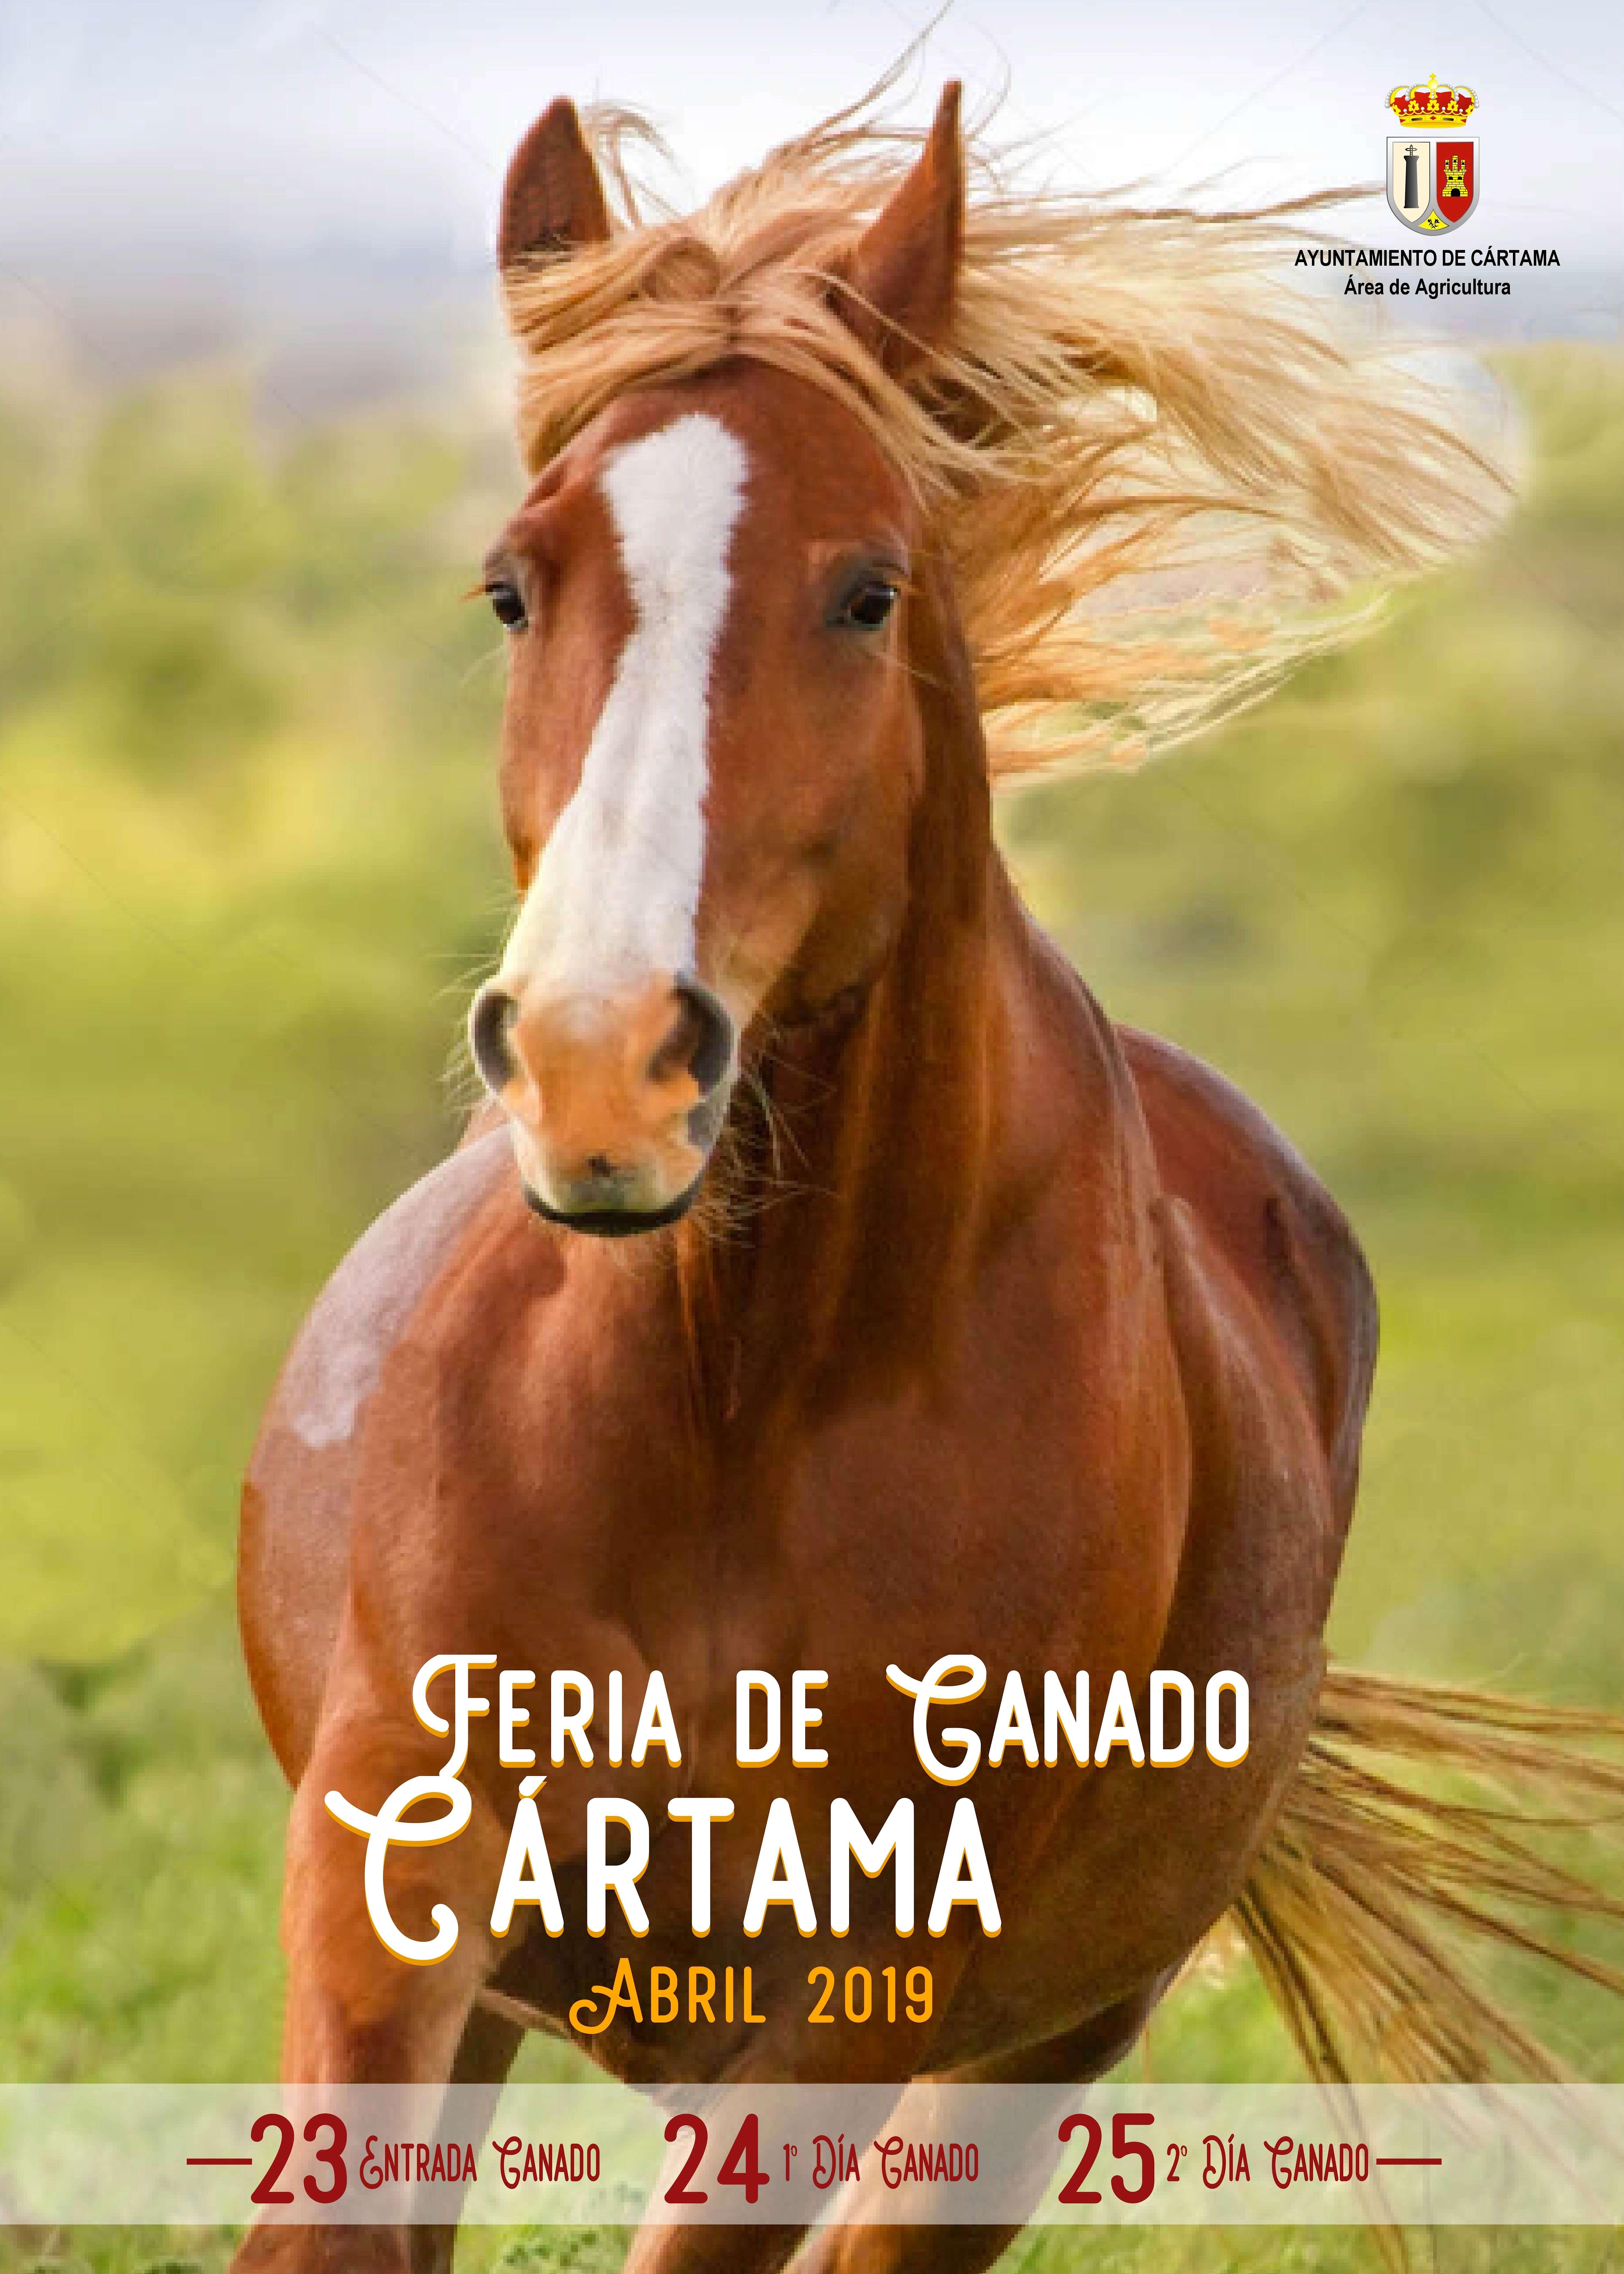 Feria Ganado Cártama 2019